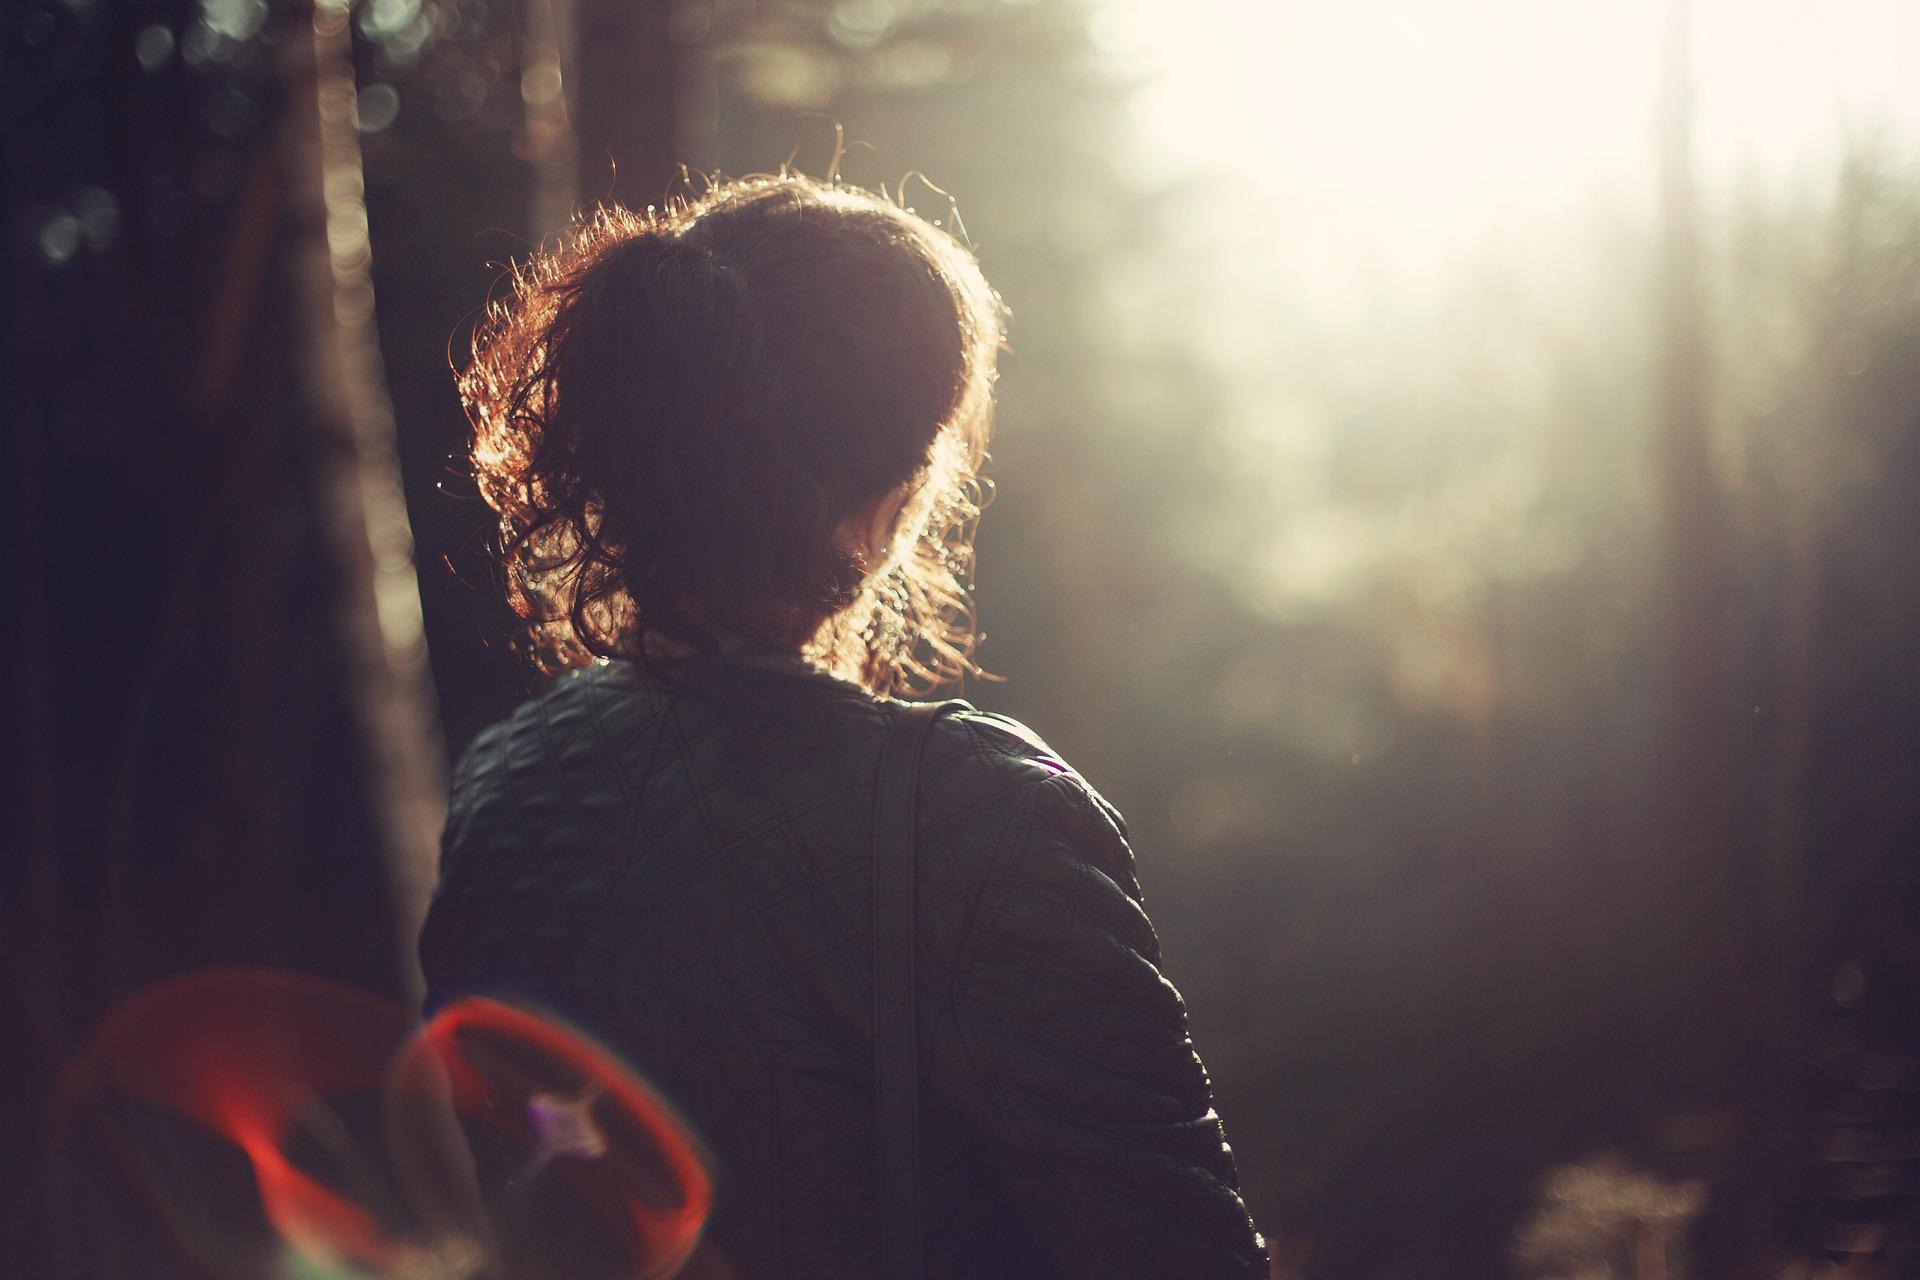 Nainen istuu selkä kameraa päin ja tuijottaa kohti valoa.